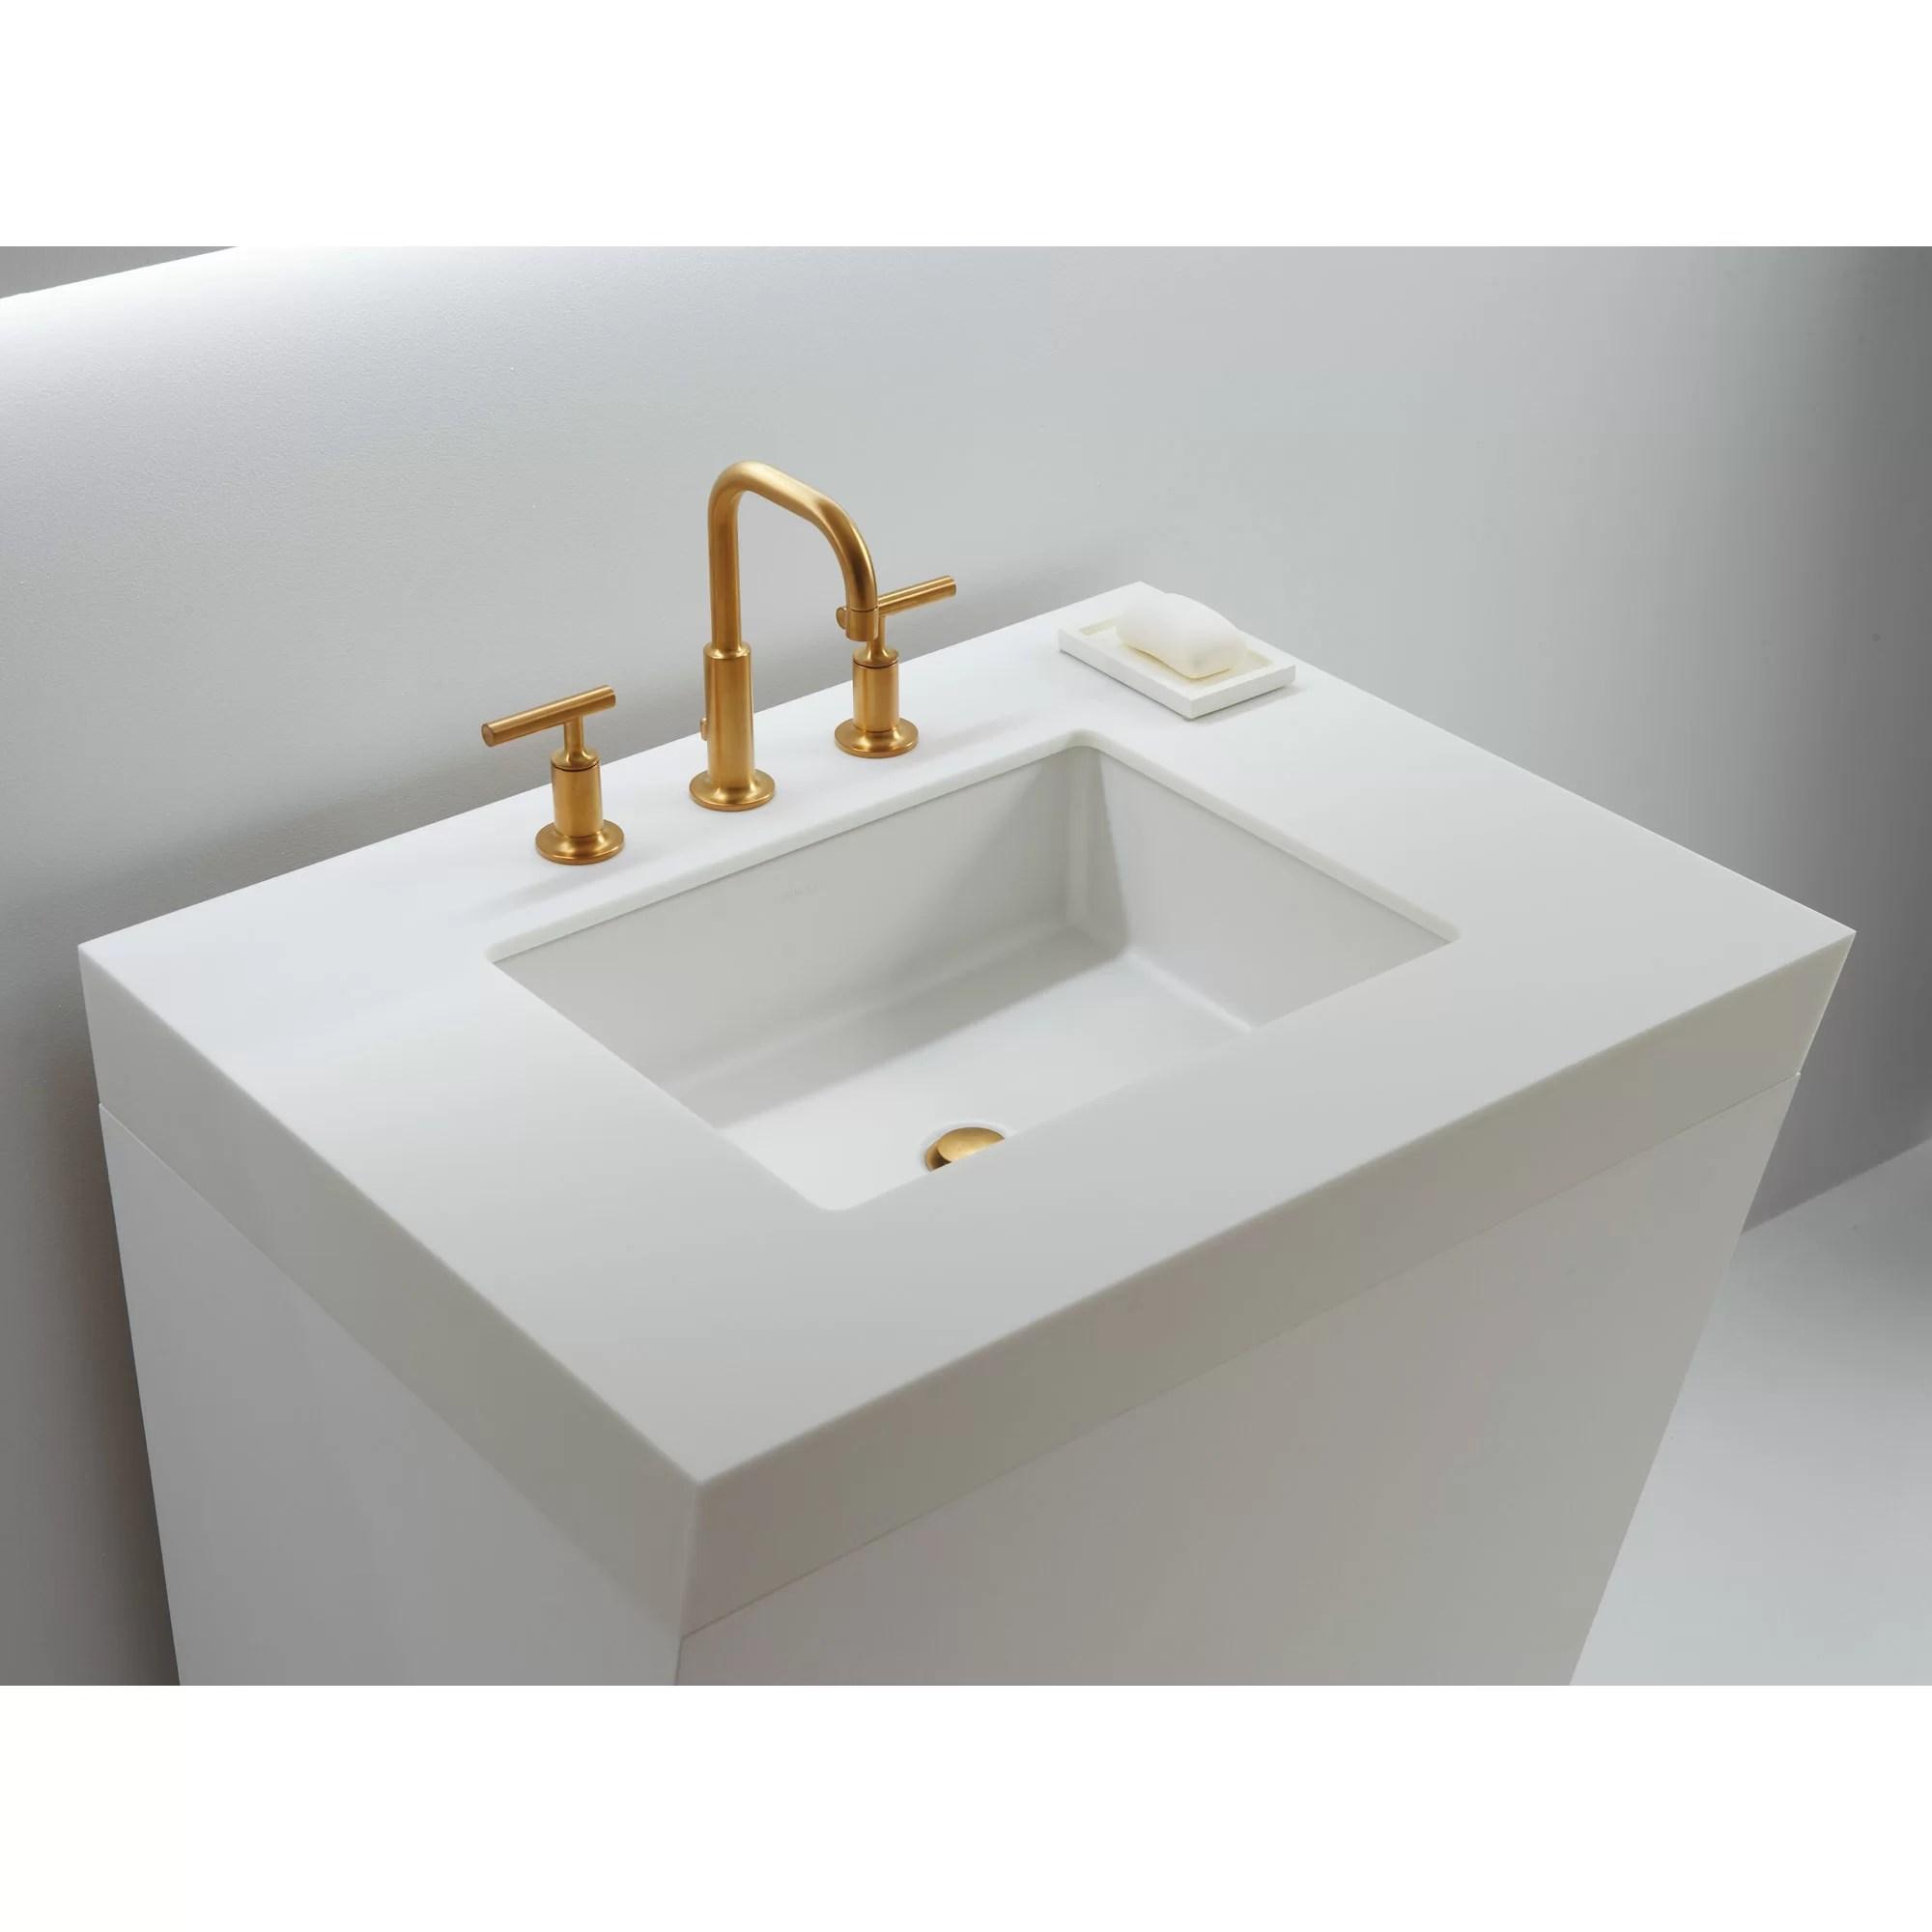 Verticyl Rectangular Undermount Bathroom Sink with